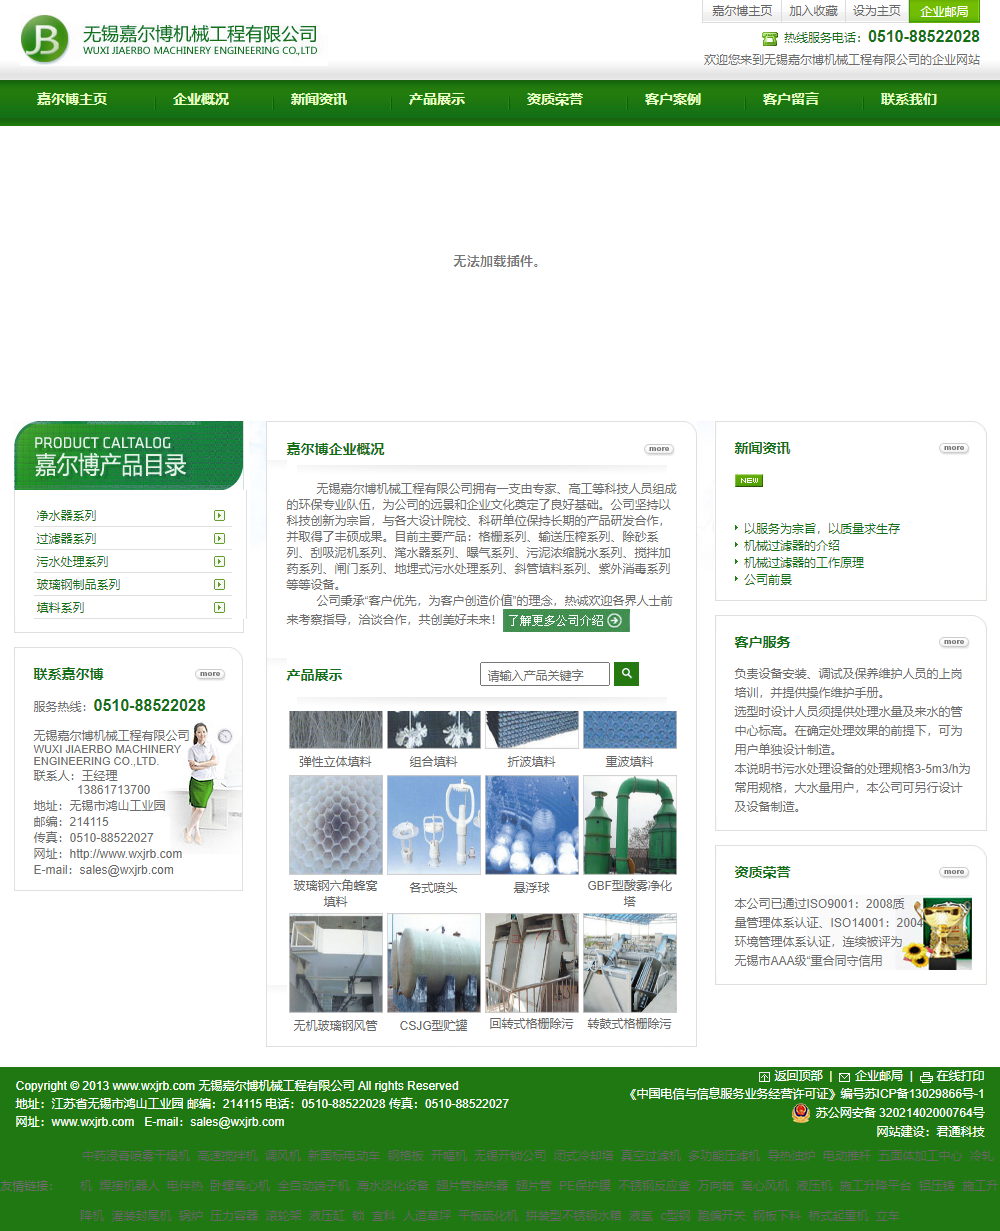 无锡嘉尔博机械工程有限公司网站案例